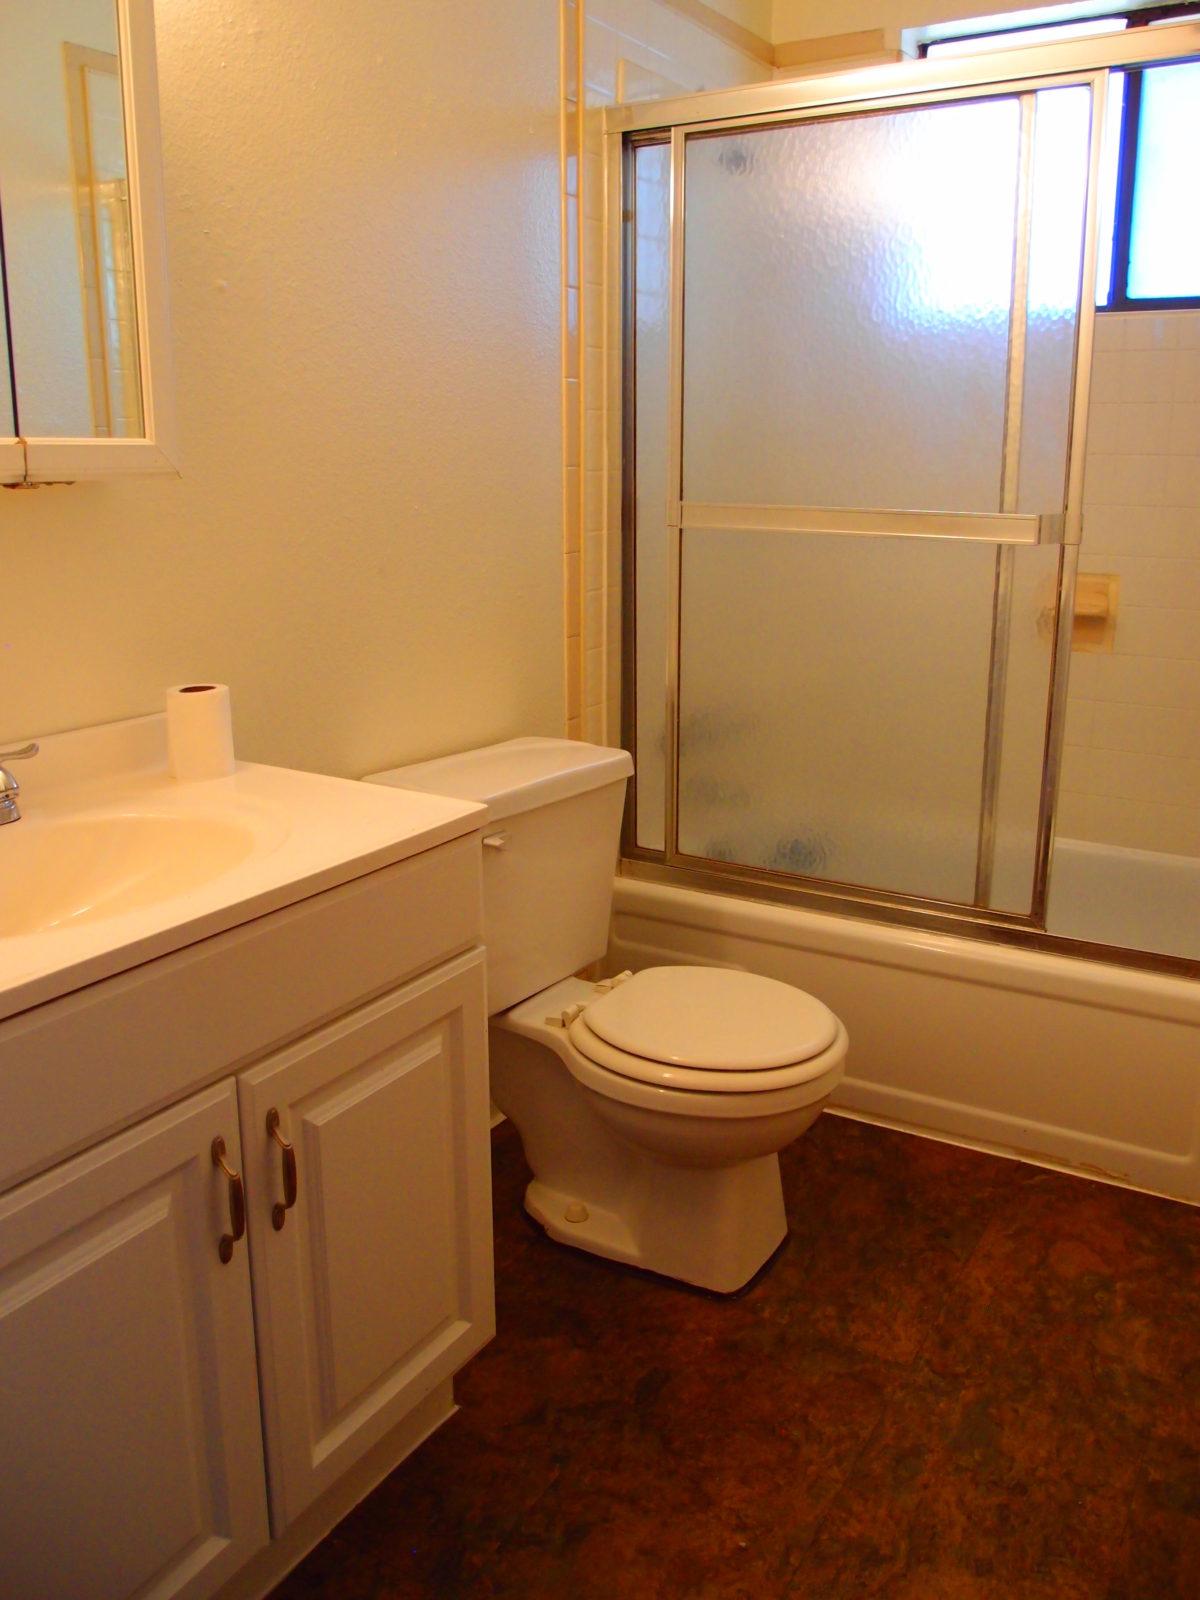 2166 Dexter: Bathroom